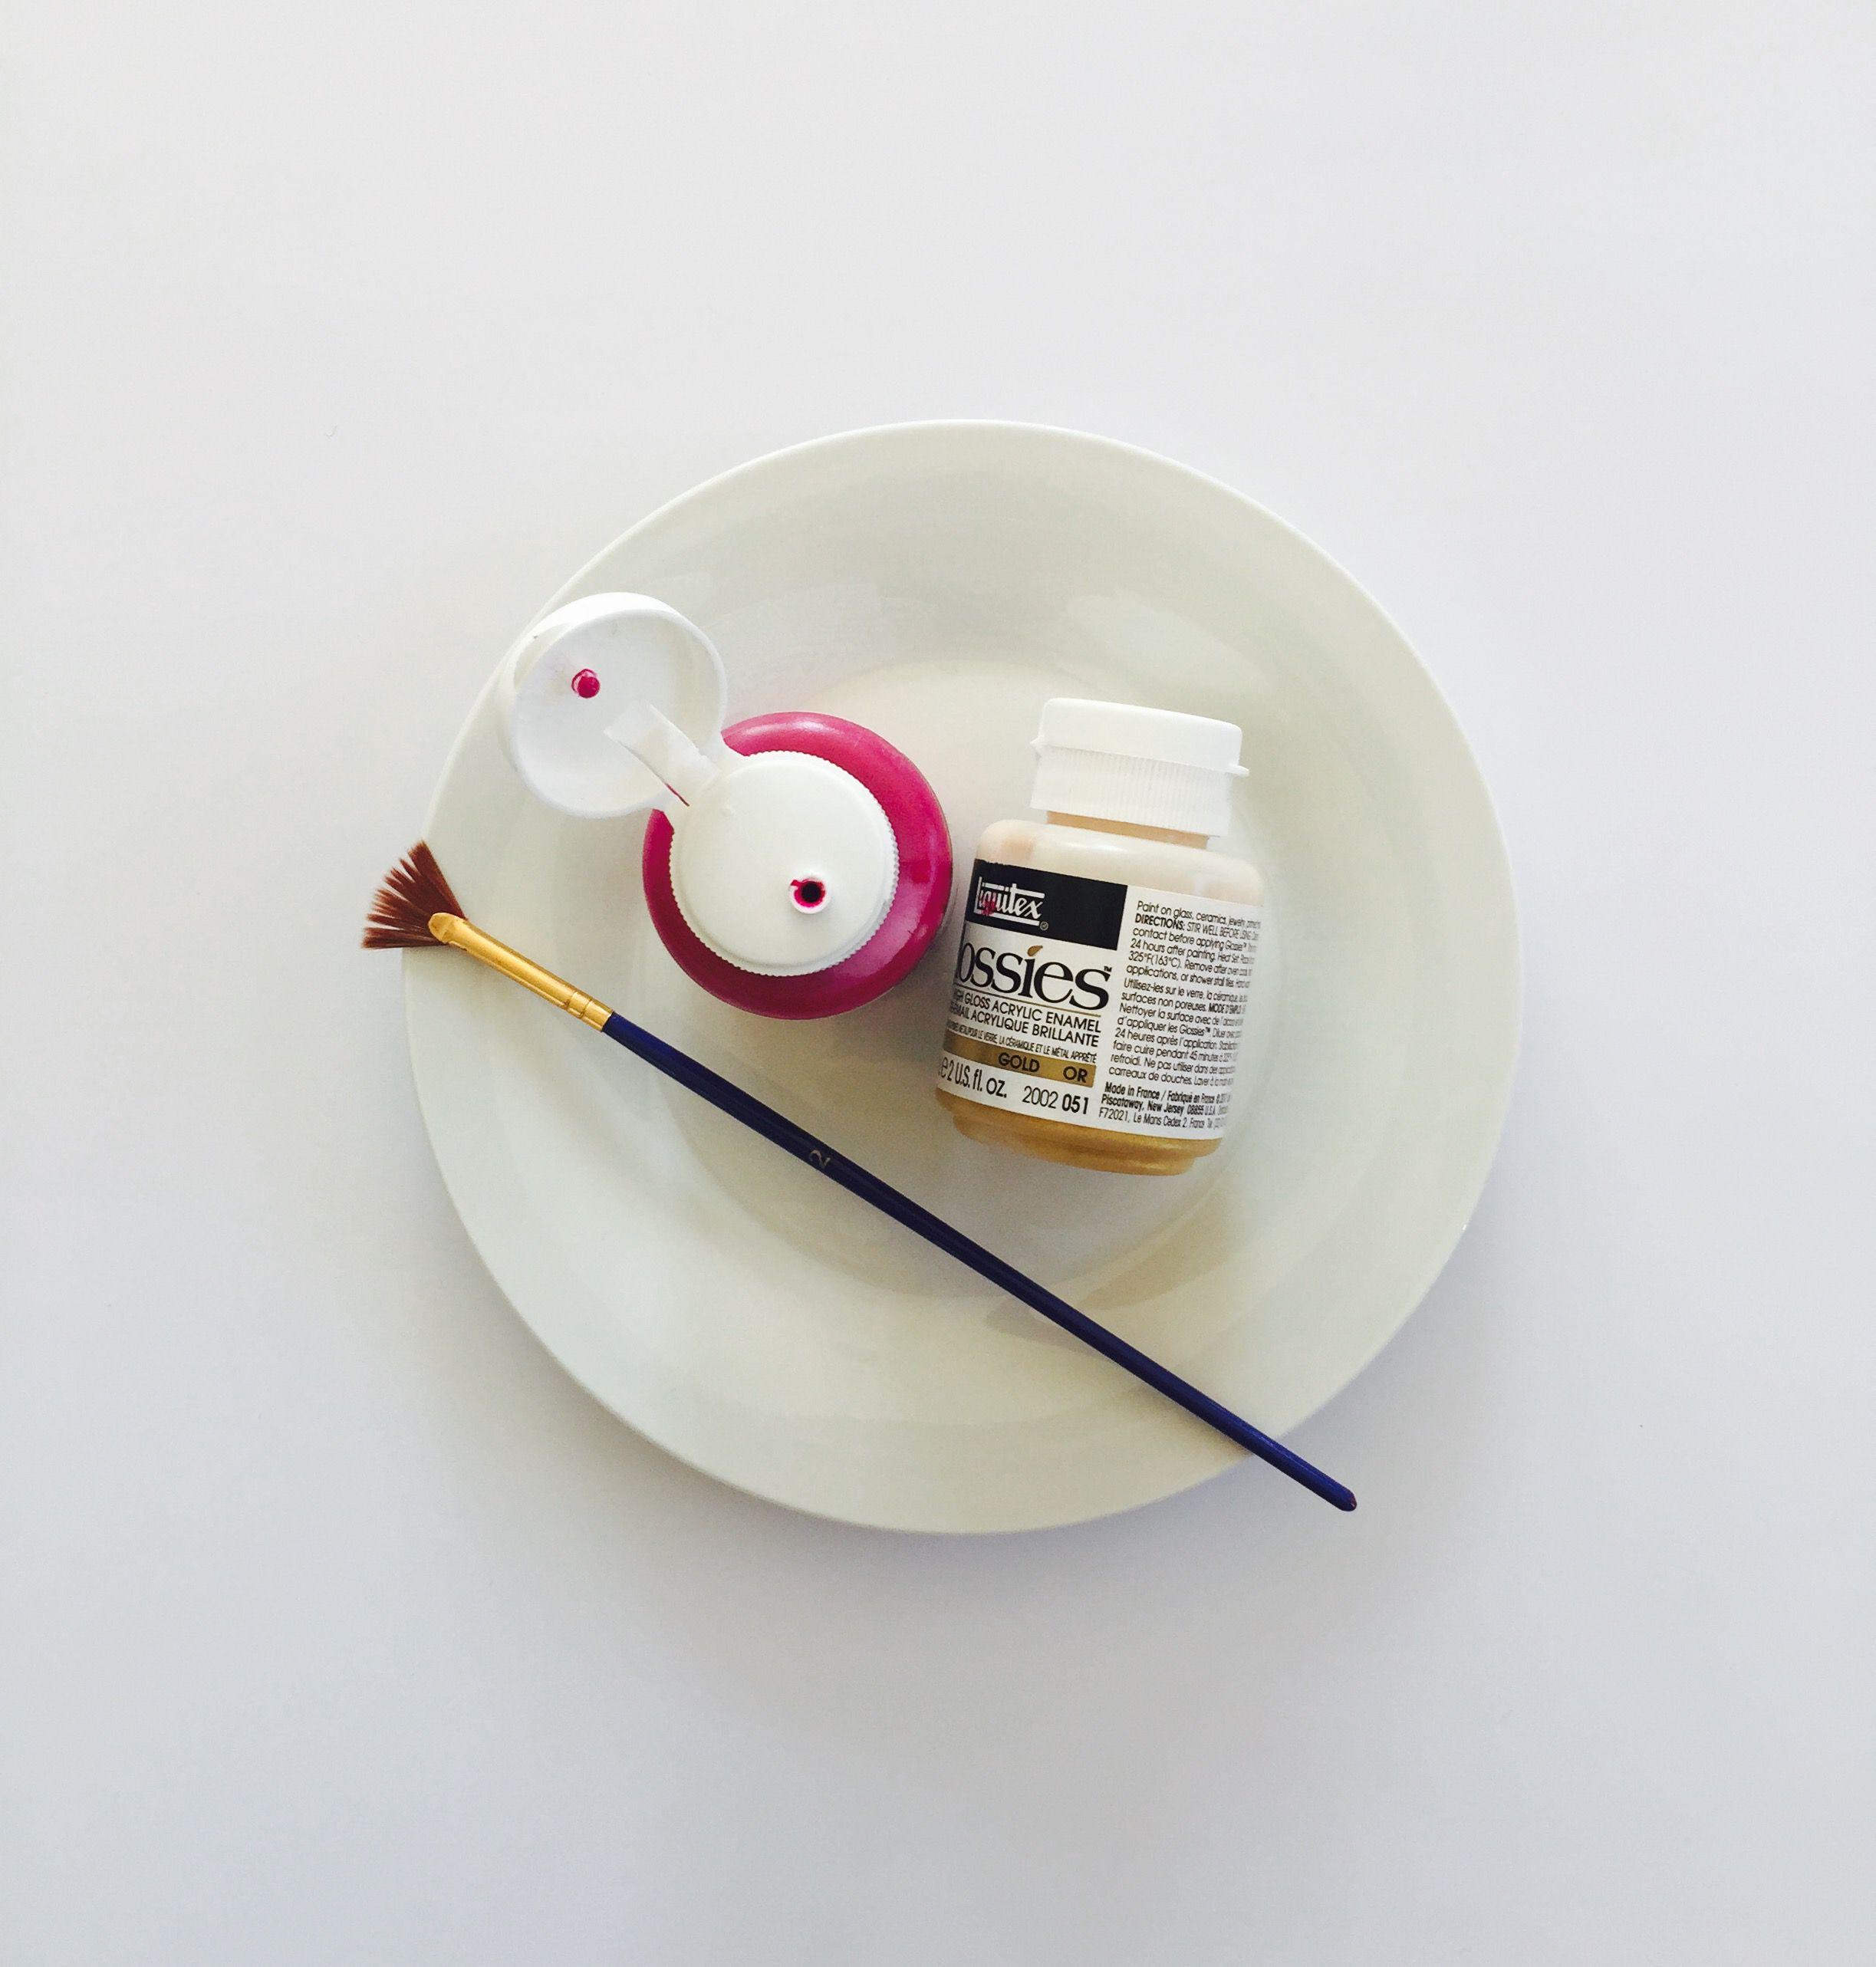 diy-pink-rimmed-plates-02